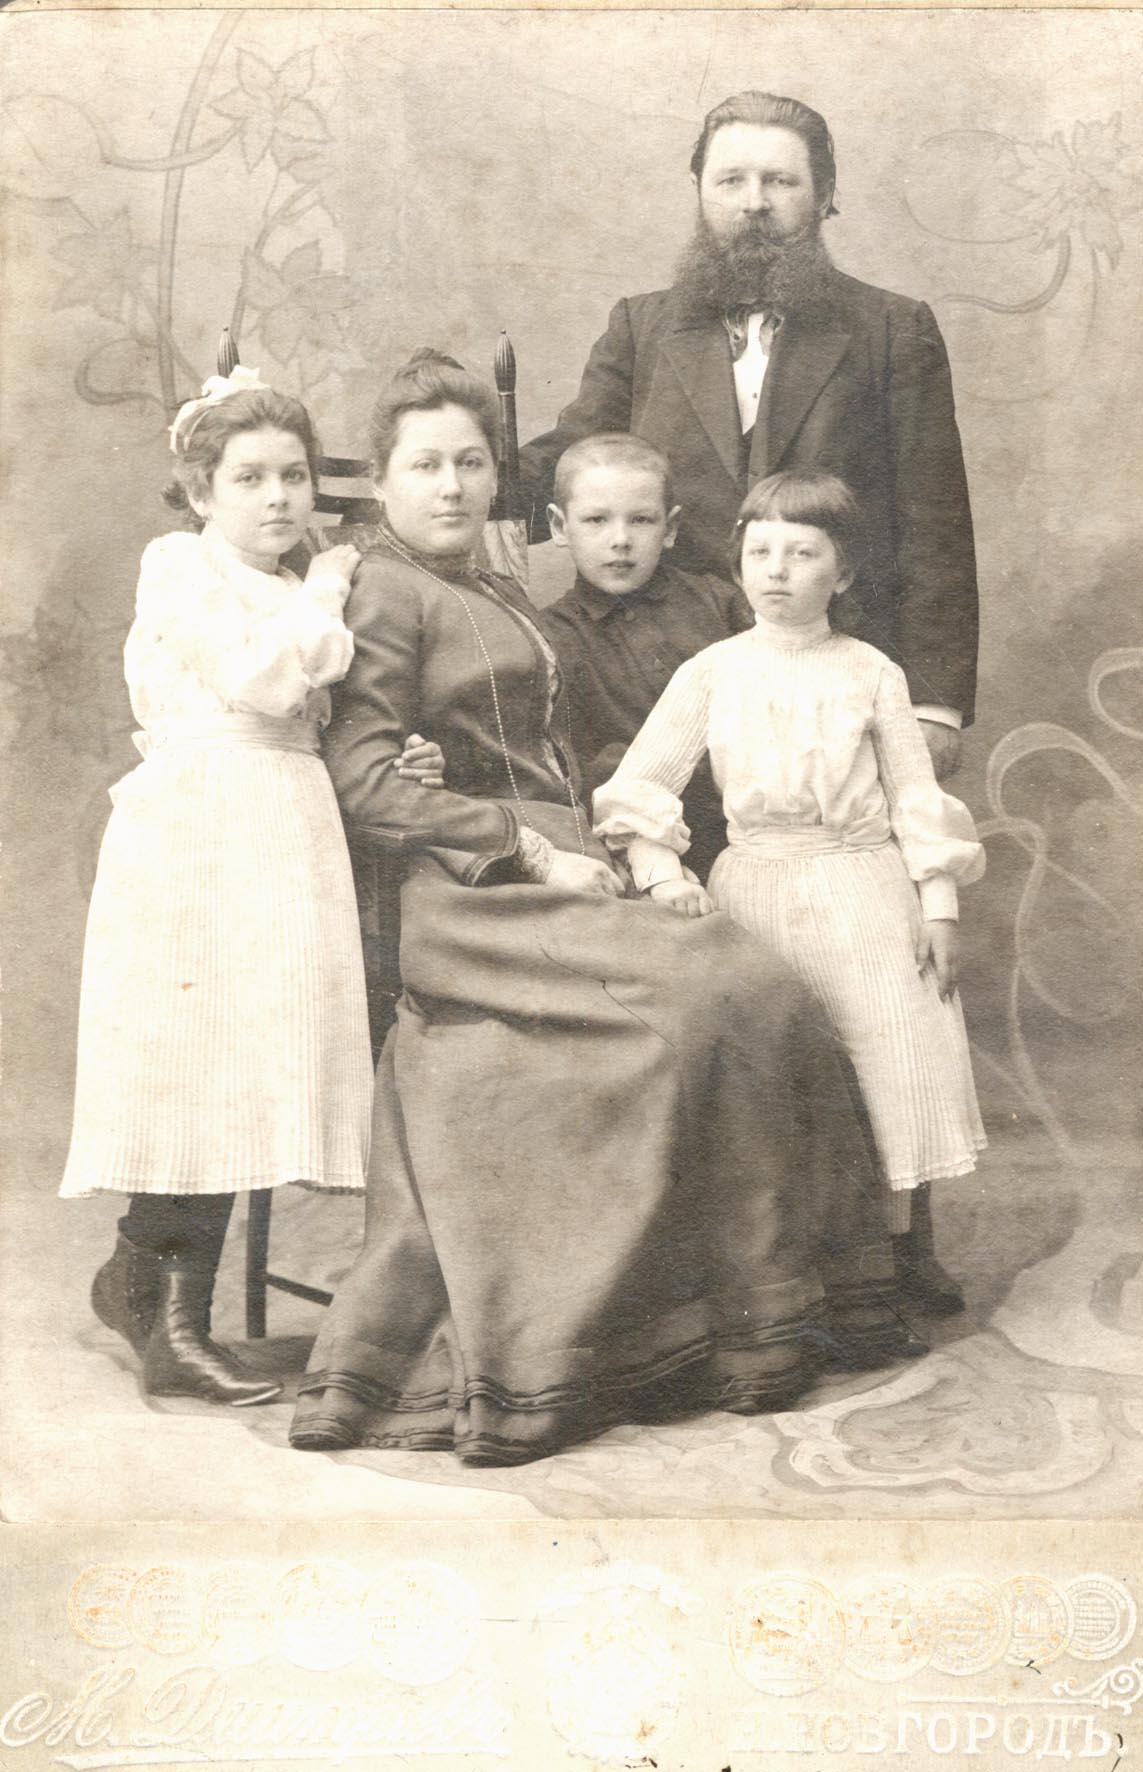 Групповой снимок. Слева направо  Анна Максимовна Дмитриева (дочь); Анна Филипповна Дмитриева (жена); Александр Максимович Дмитриев (сын); Екатерина Максимовна Дмитриева (дочь)